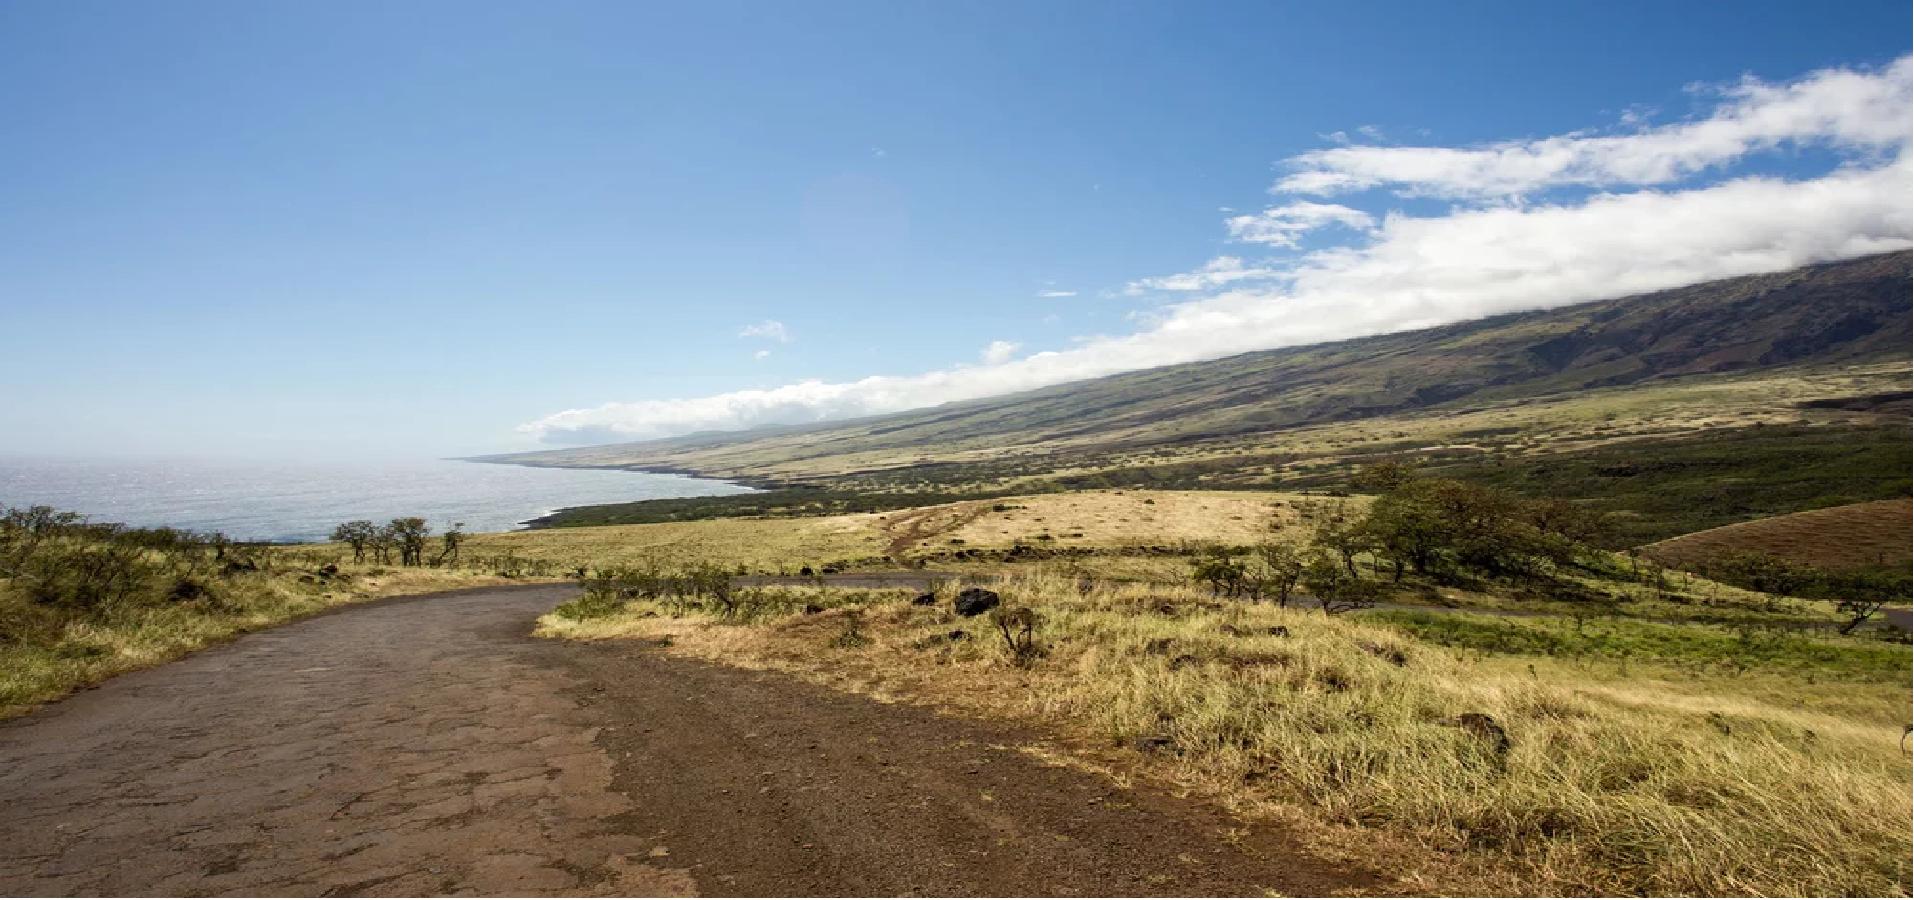 جزیره بزرگ هاوایی دسامبر.